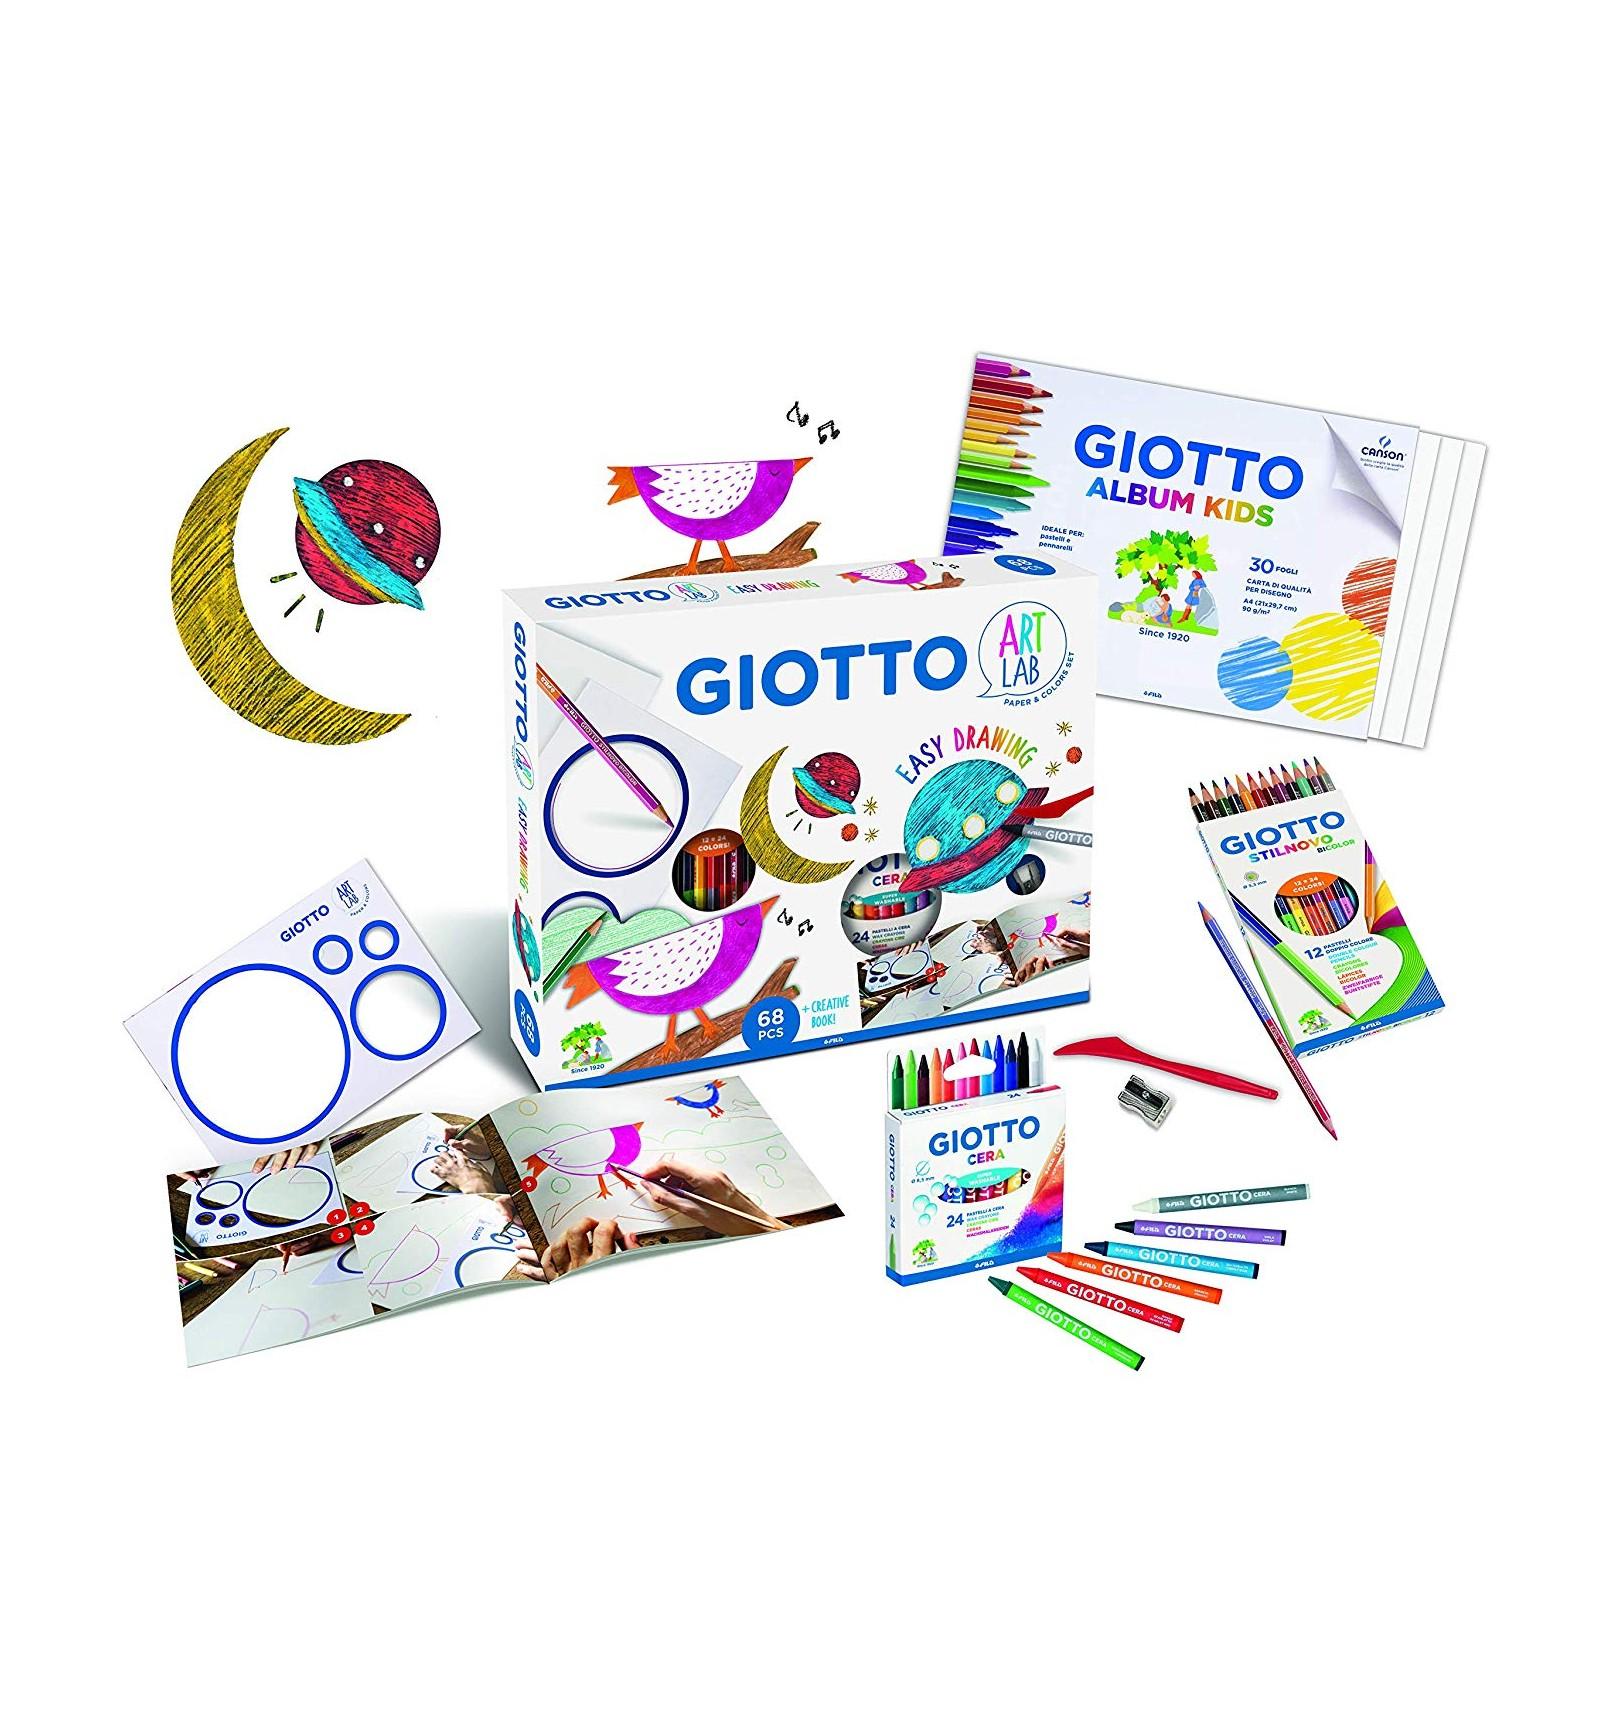 Творч Набор Giotto Art Lab Набор для рисования 68 предметов